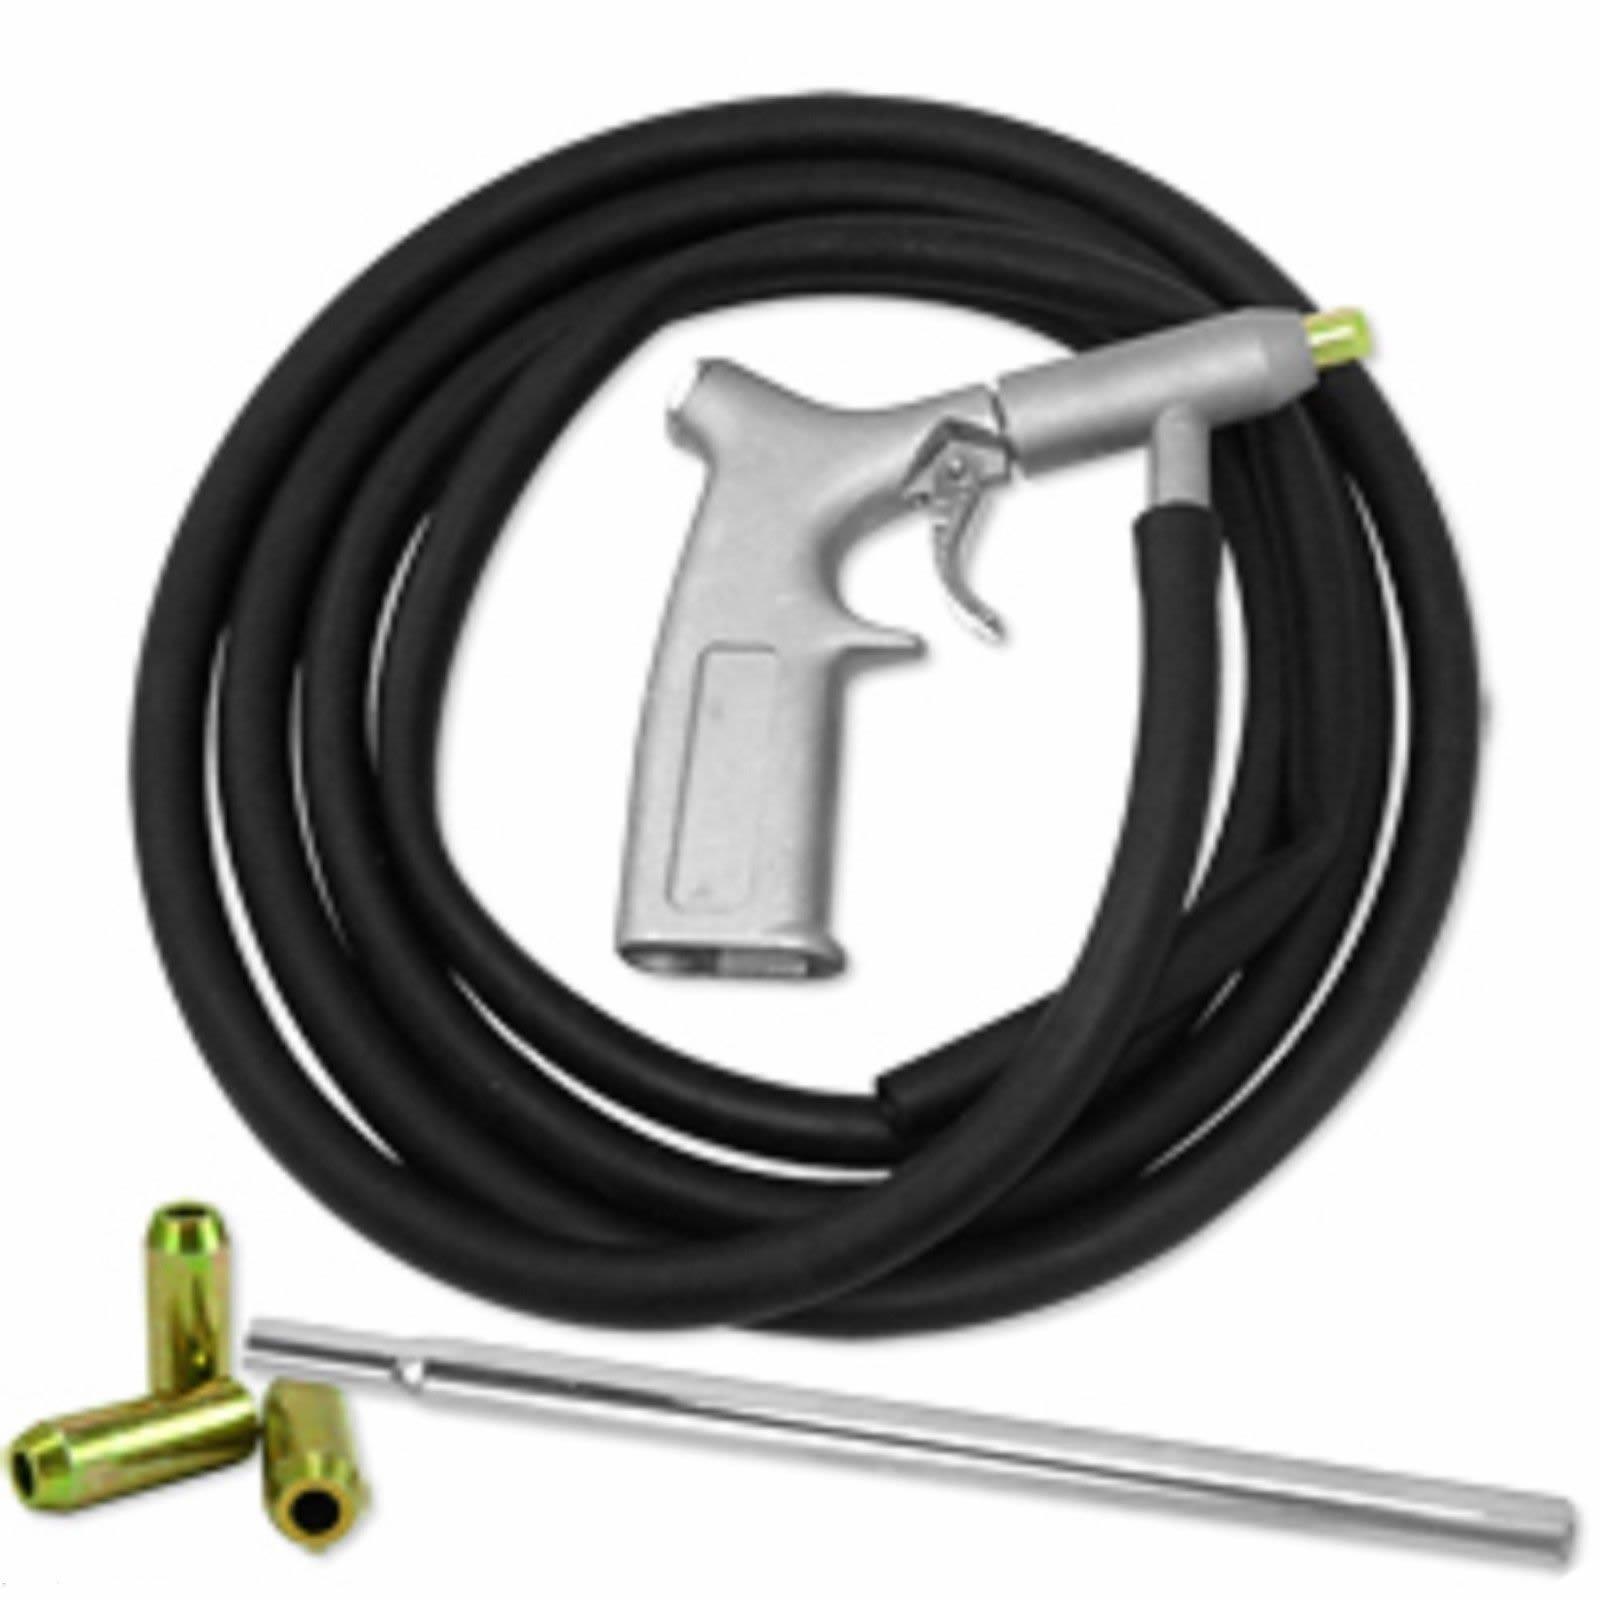 Hand Held Siphon Pressure Vacuum Sandblaster Gun Kit Sandblast Sandblasting Tool